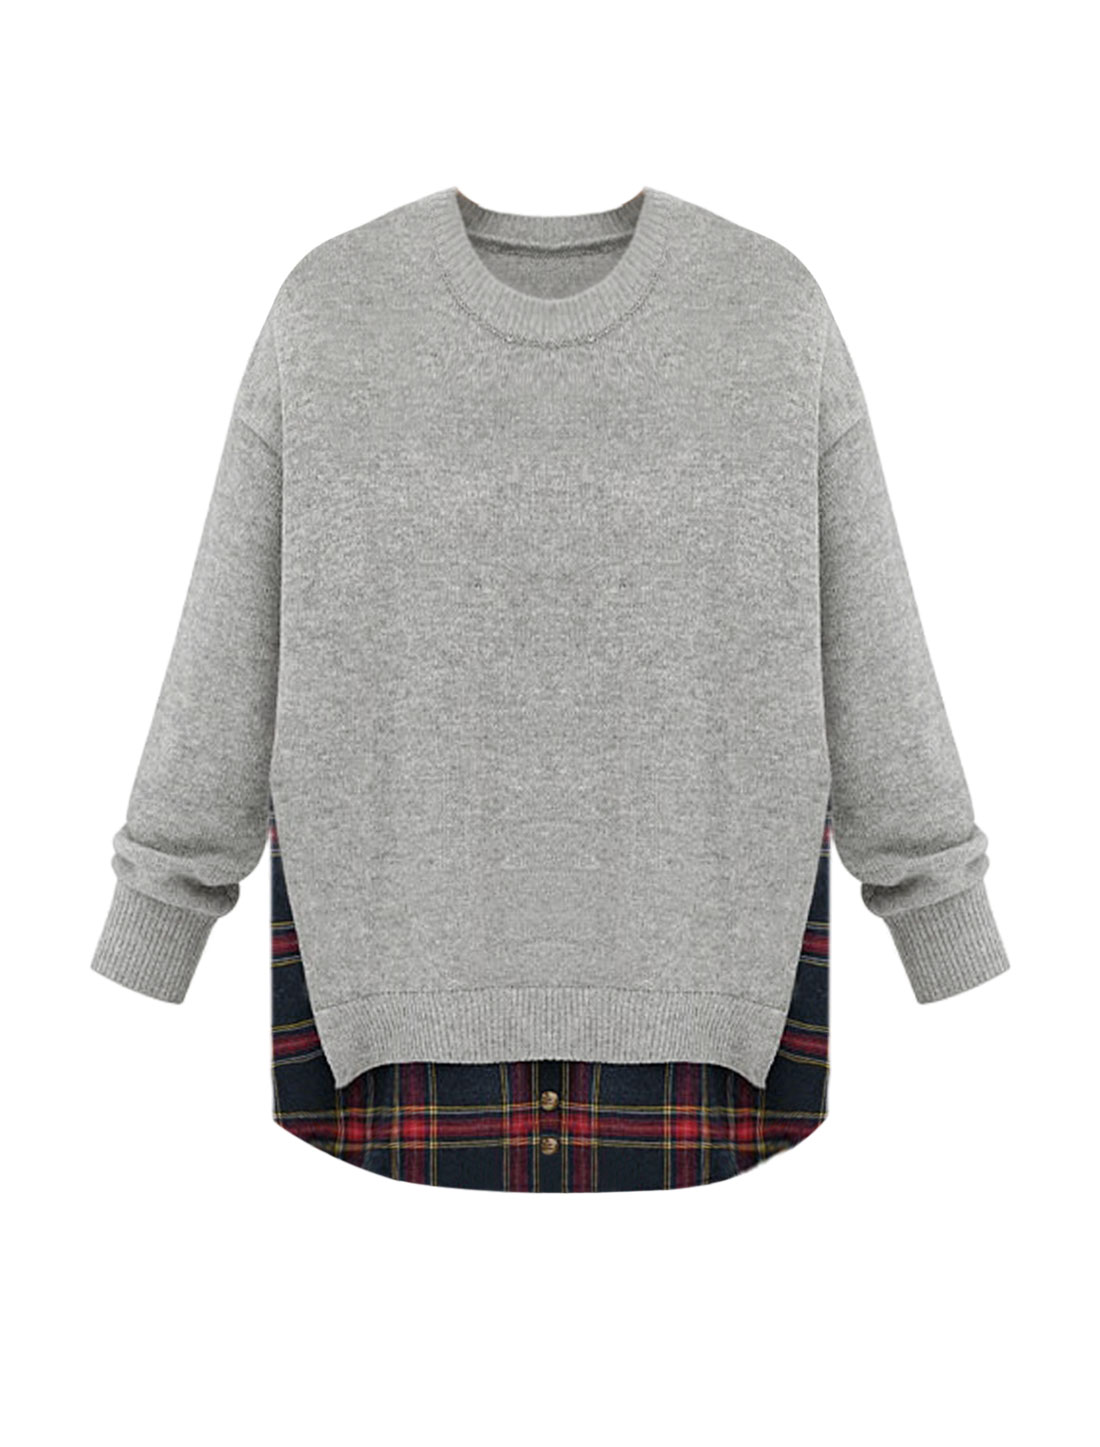 Woman Crew Neck Plaids Shirttail Layered Knit Shirt Gray XS